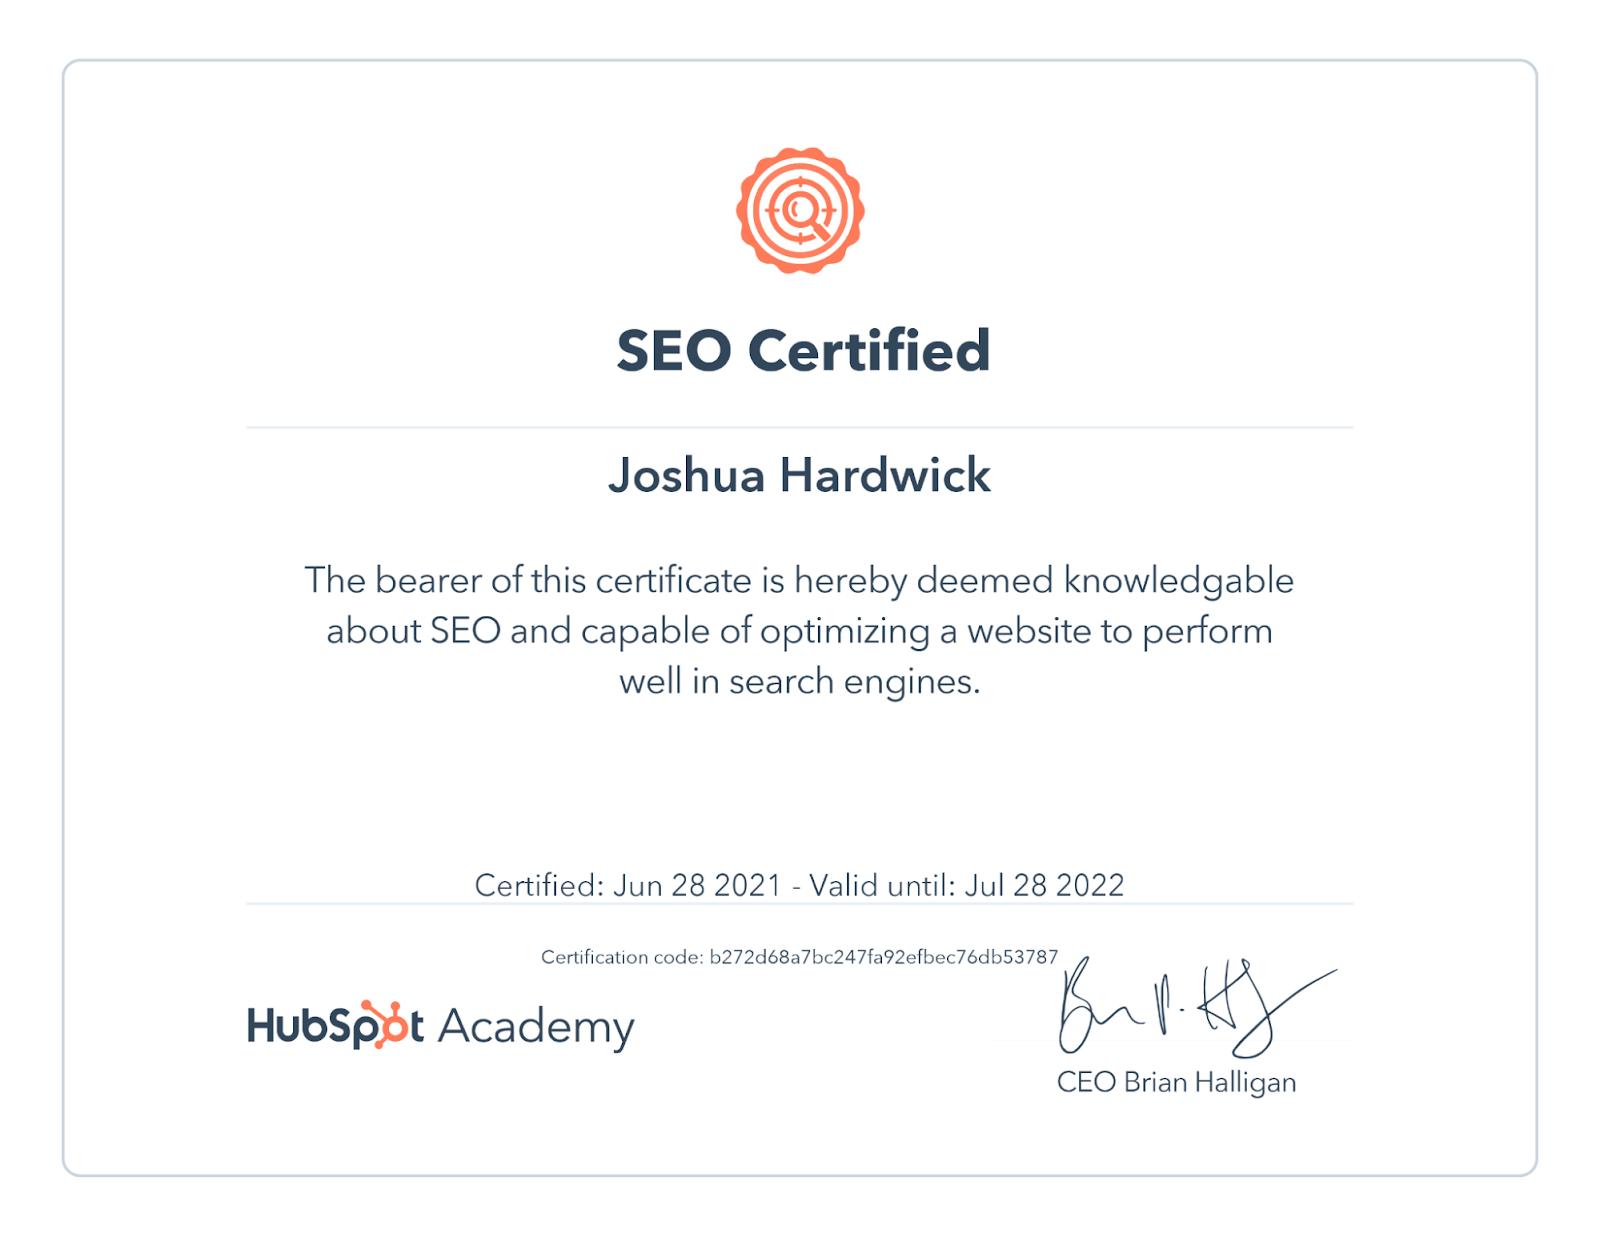 hubspot-seo-certification